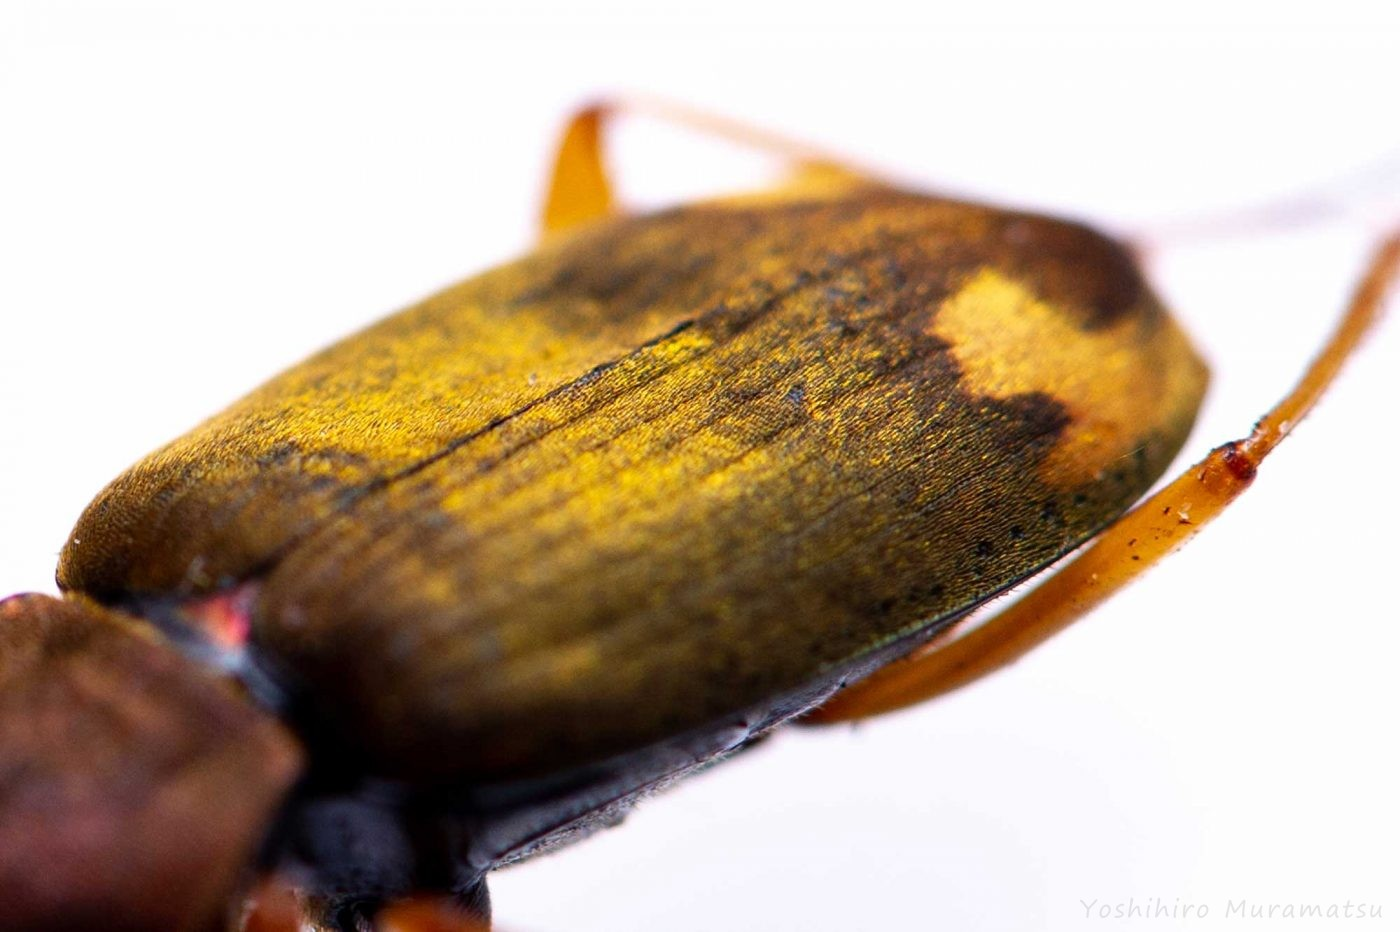 オオアトボシアオゴミムシの写真